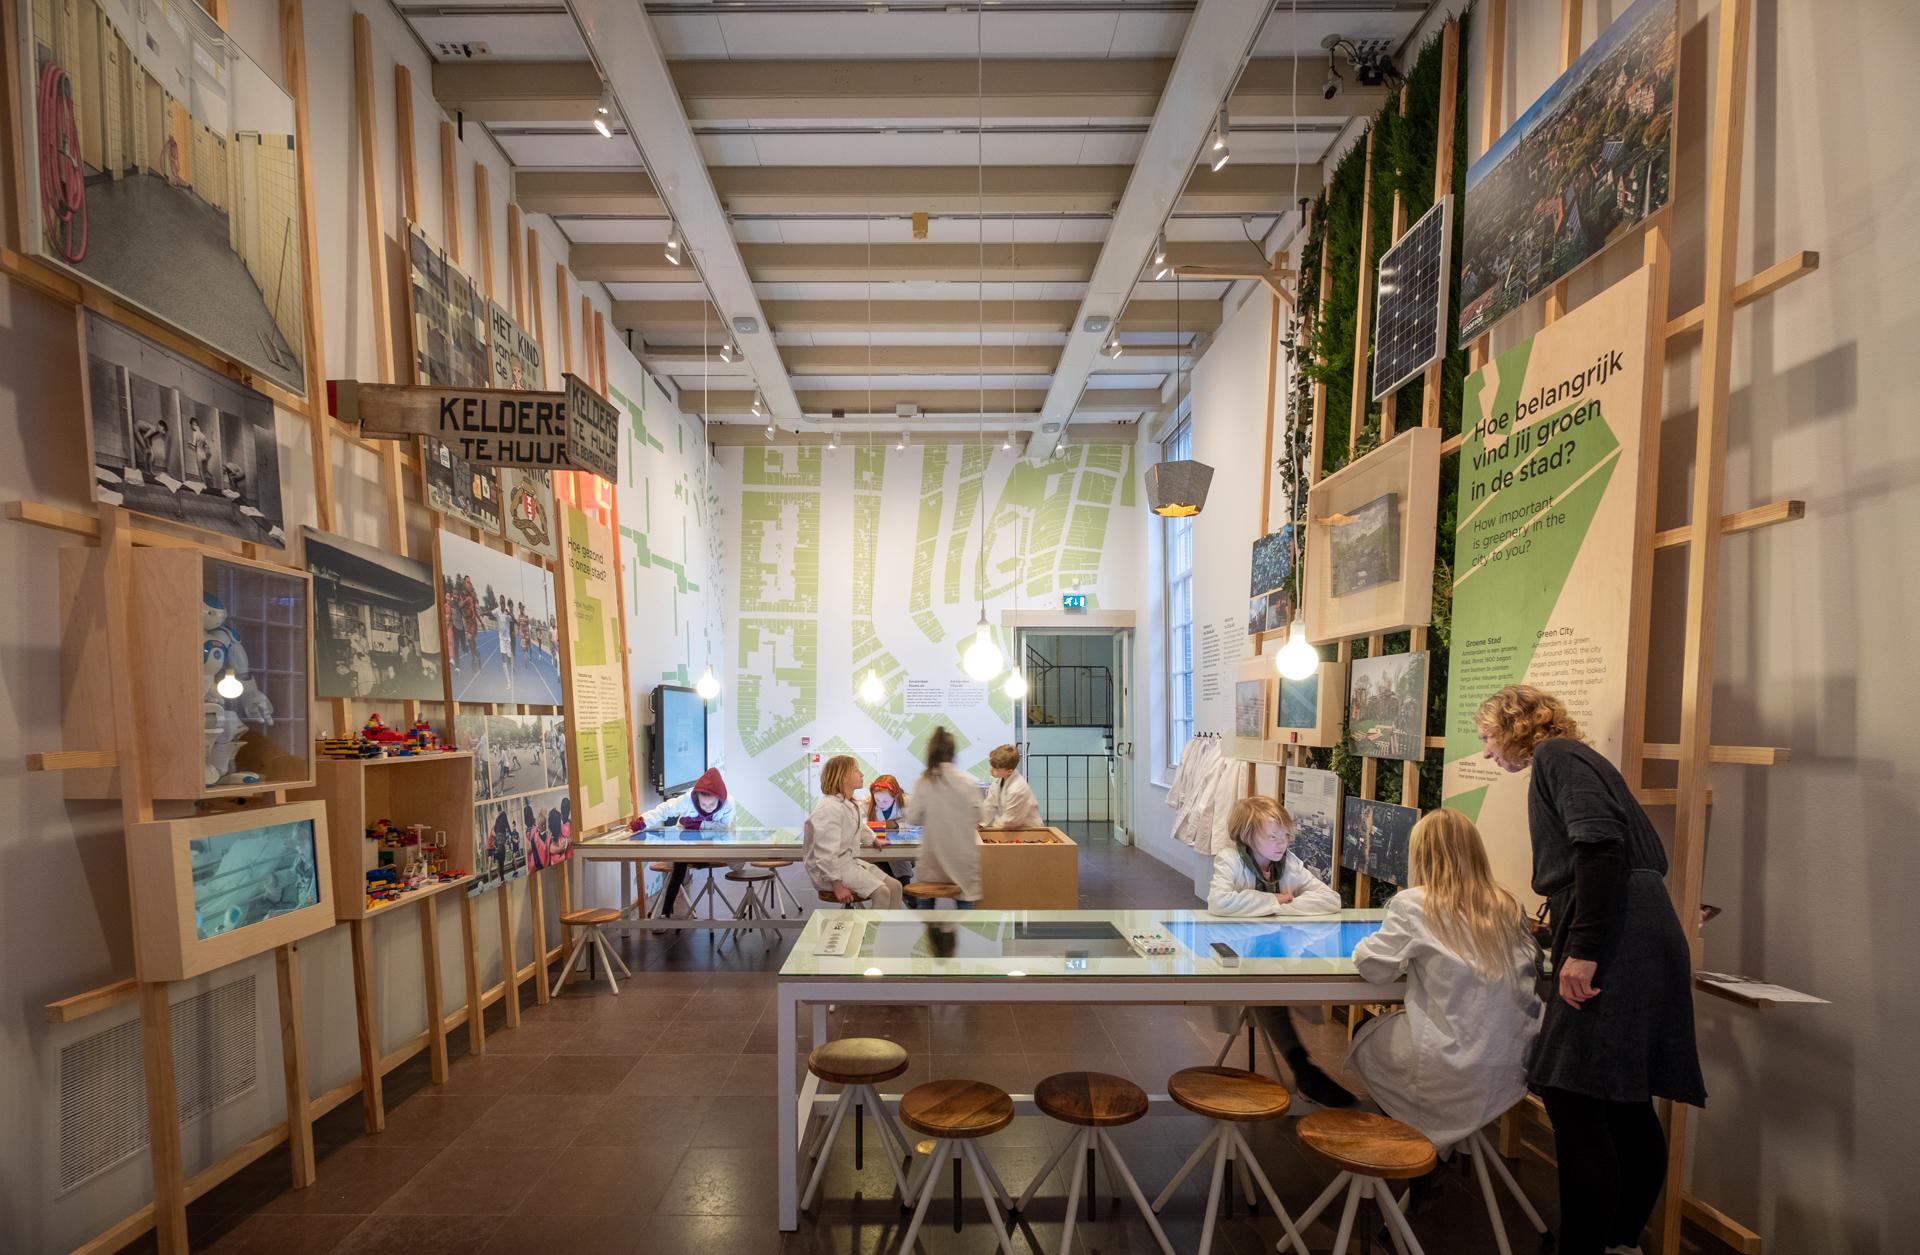 tentoonstellingsontwerp stadslab2 amsterdam museum 12 jpg